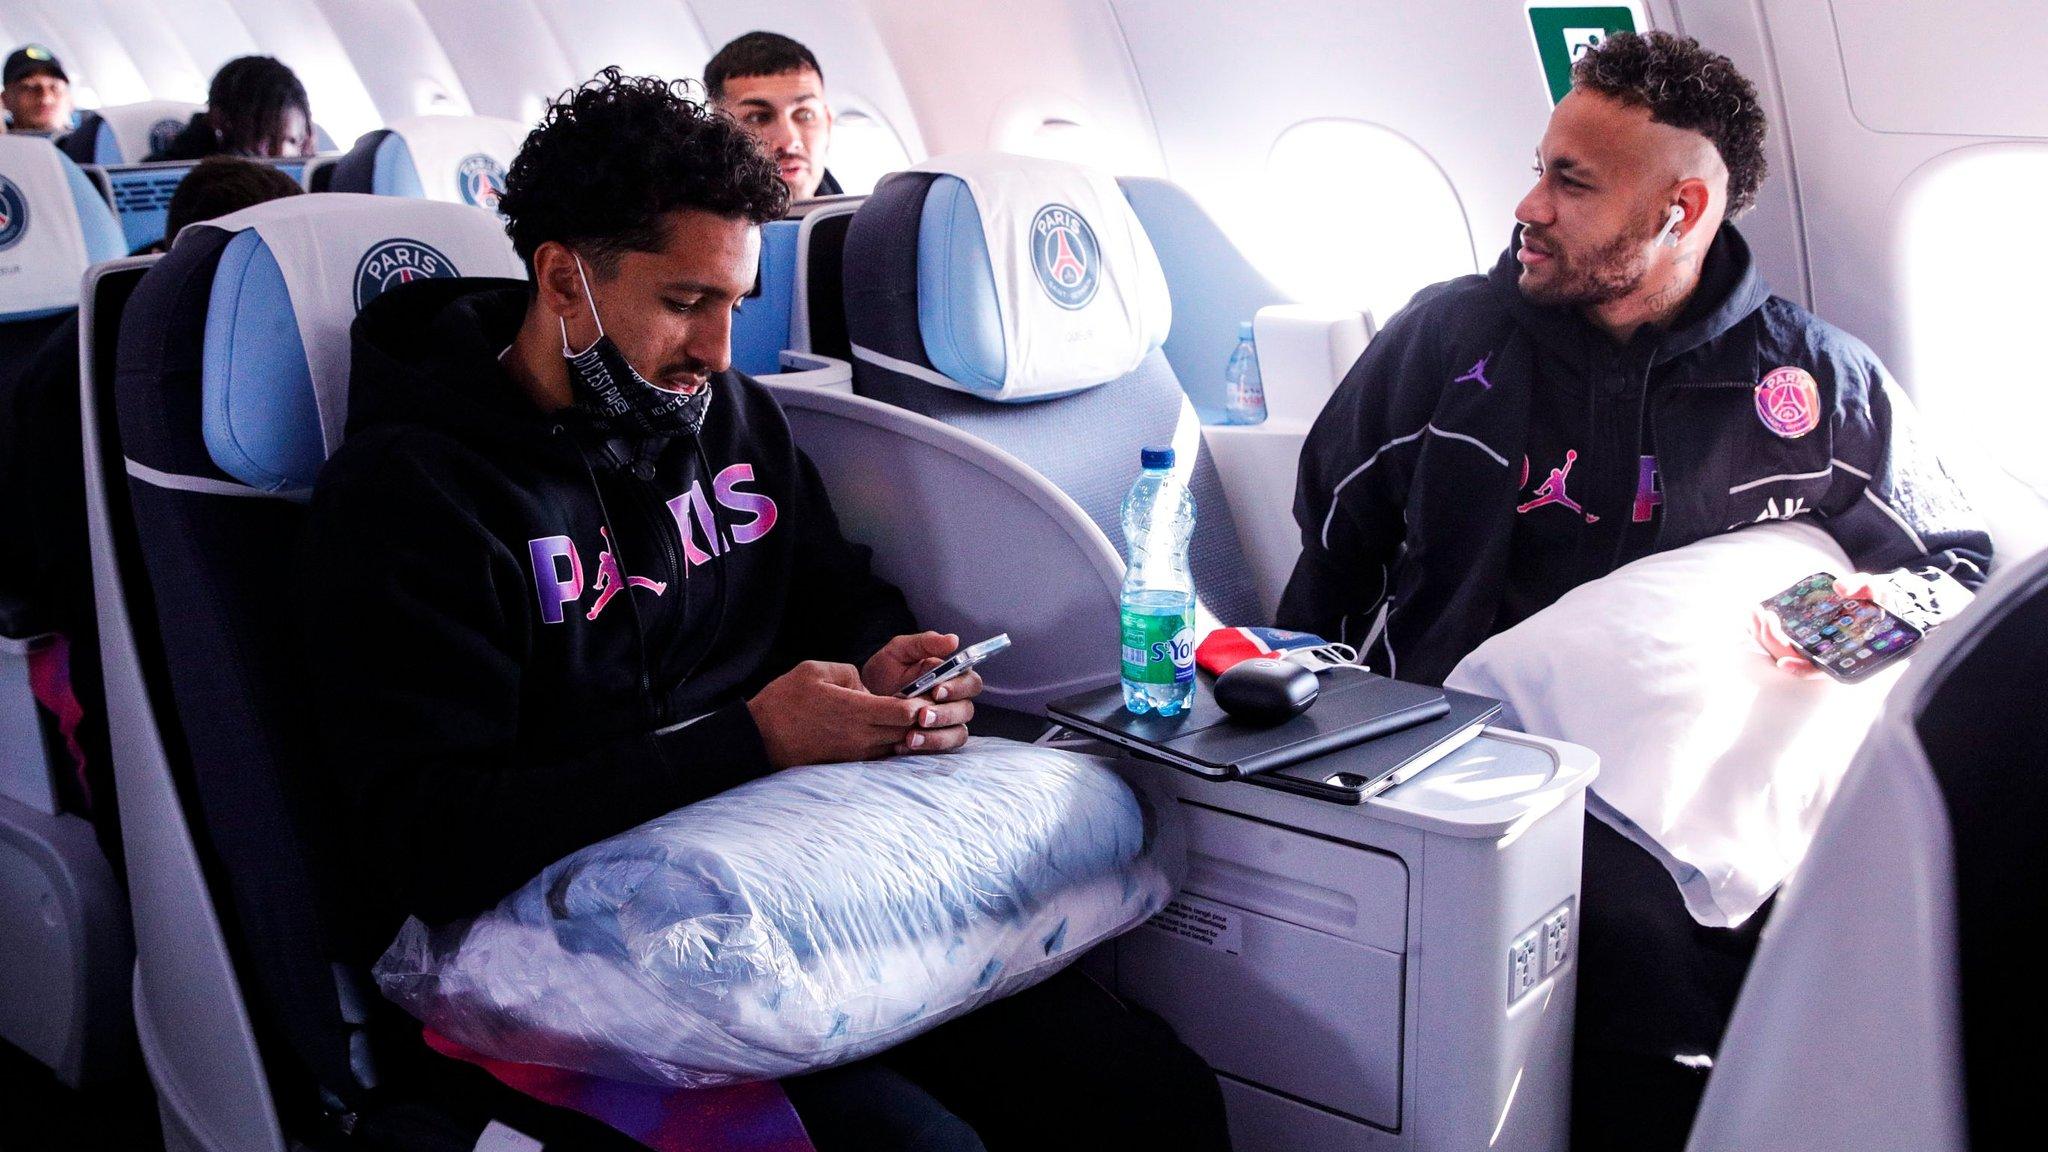 نيمار يتحدث مع احد زملائه في الطائرة